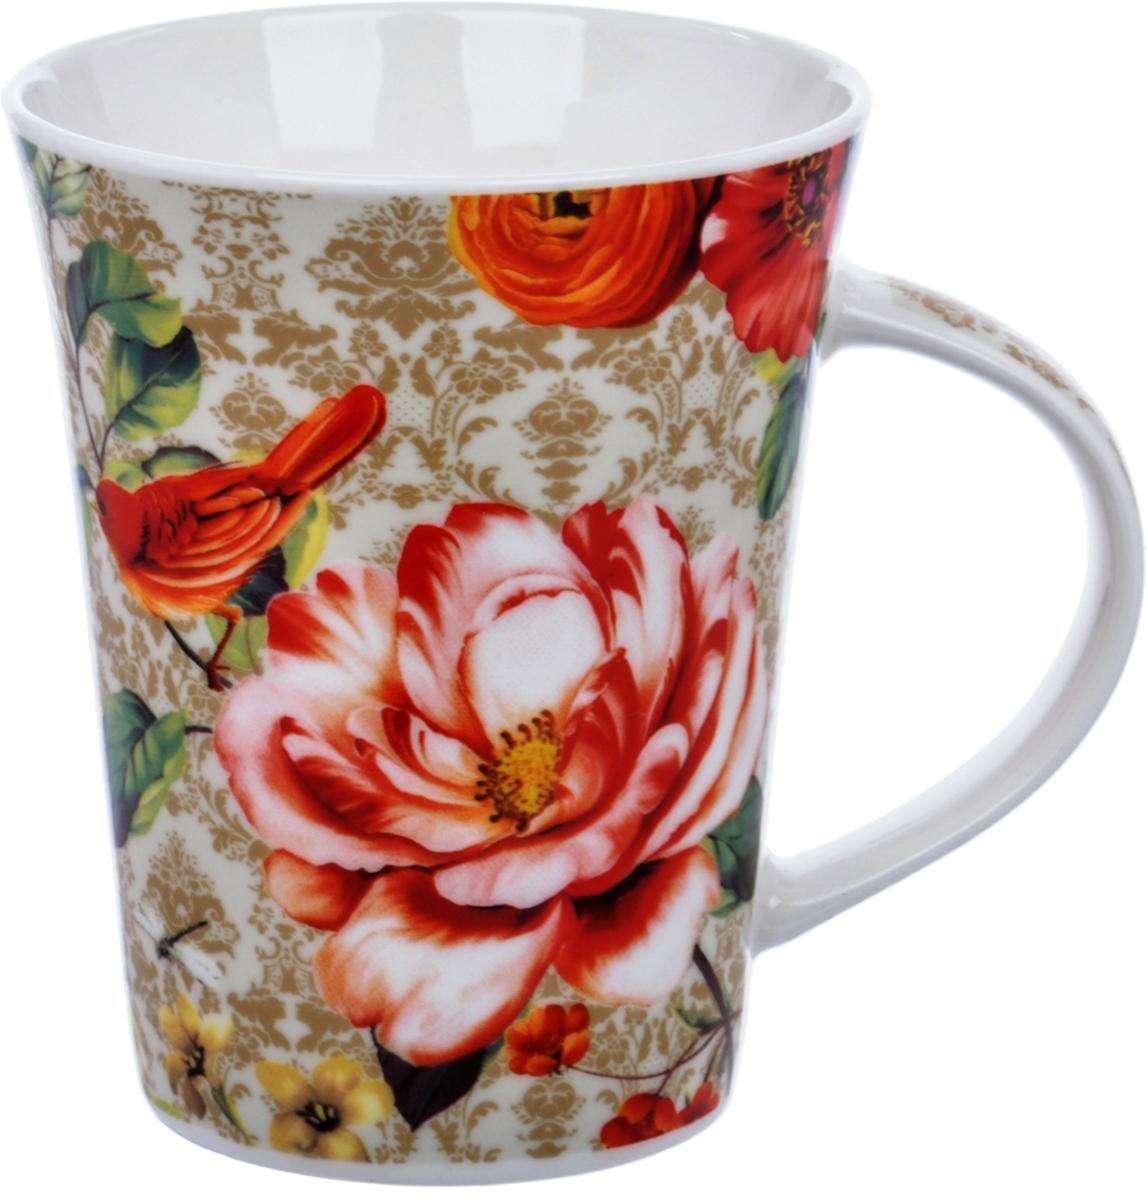 Кружка Liling Quanhu Райский цветок. Дизайн 2, 380 мл кружка liling quanhu медведи на даче дизайн 1 380 мл